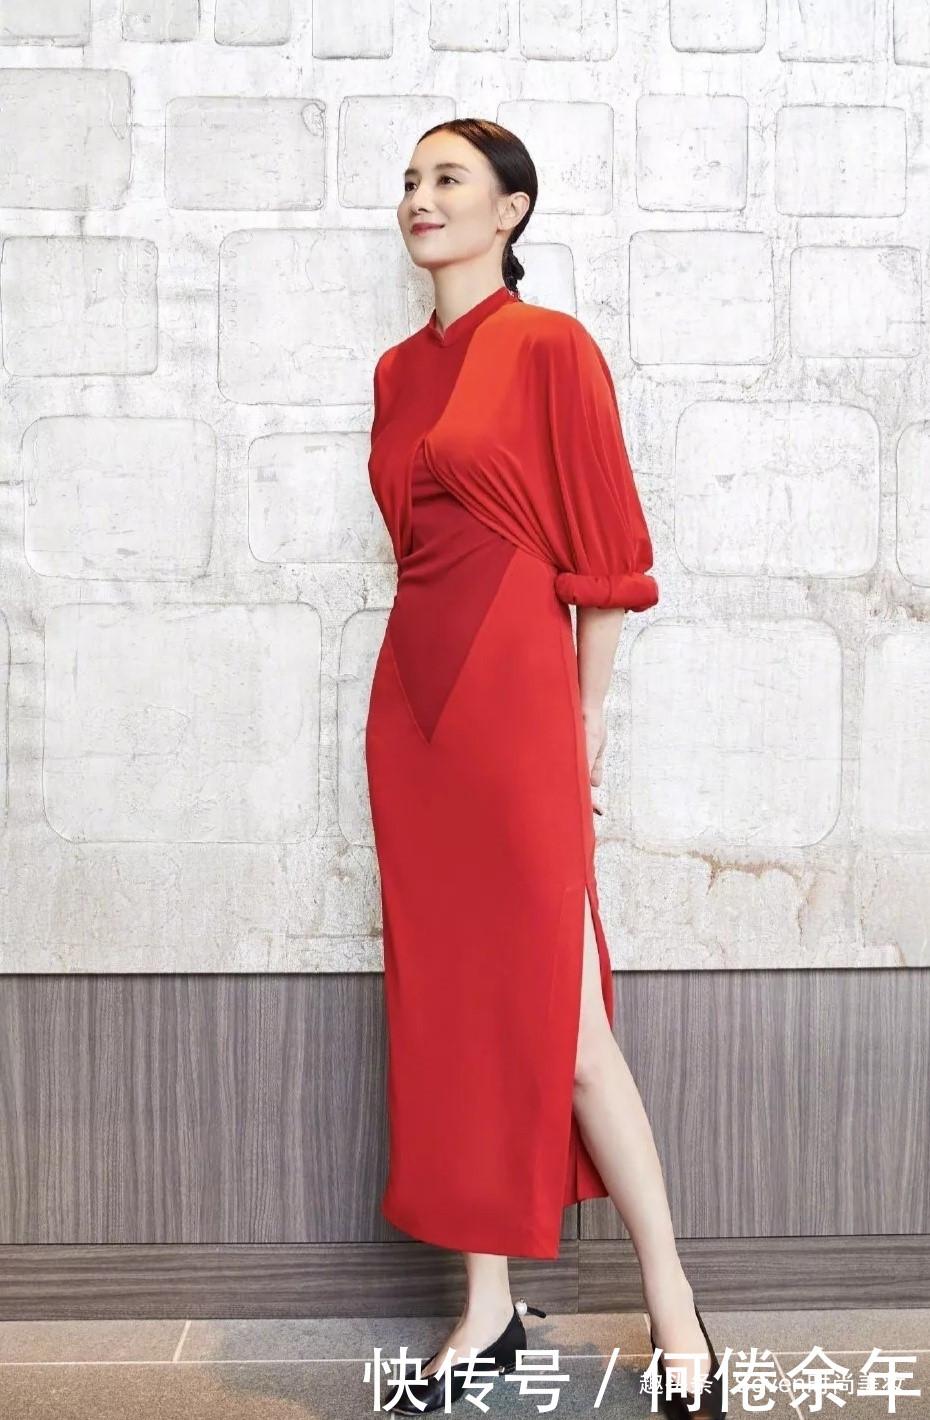 喜欢简约风装扮,就一定不要错过宋佳学穿搭,酷炫美丽优雅兼顾